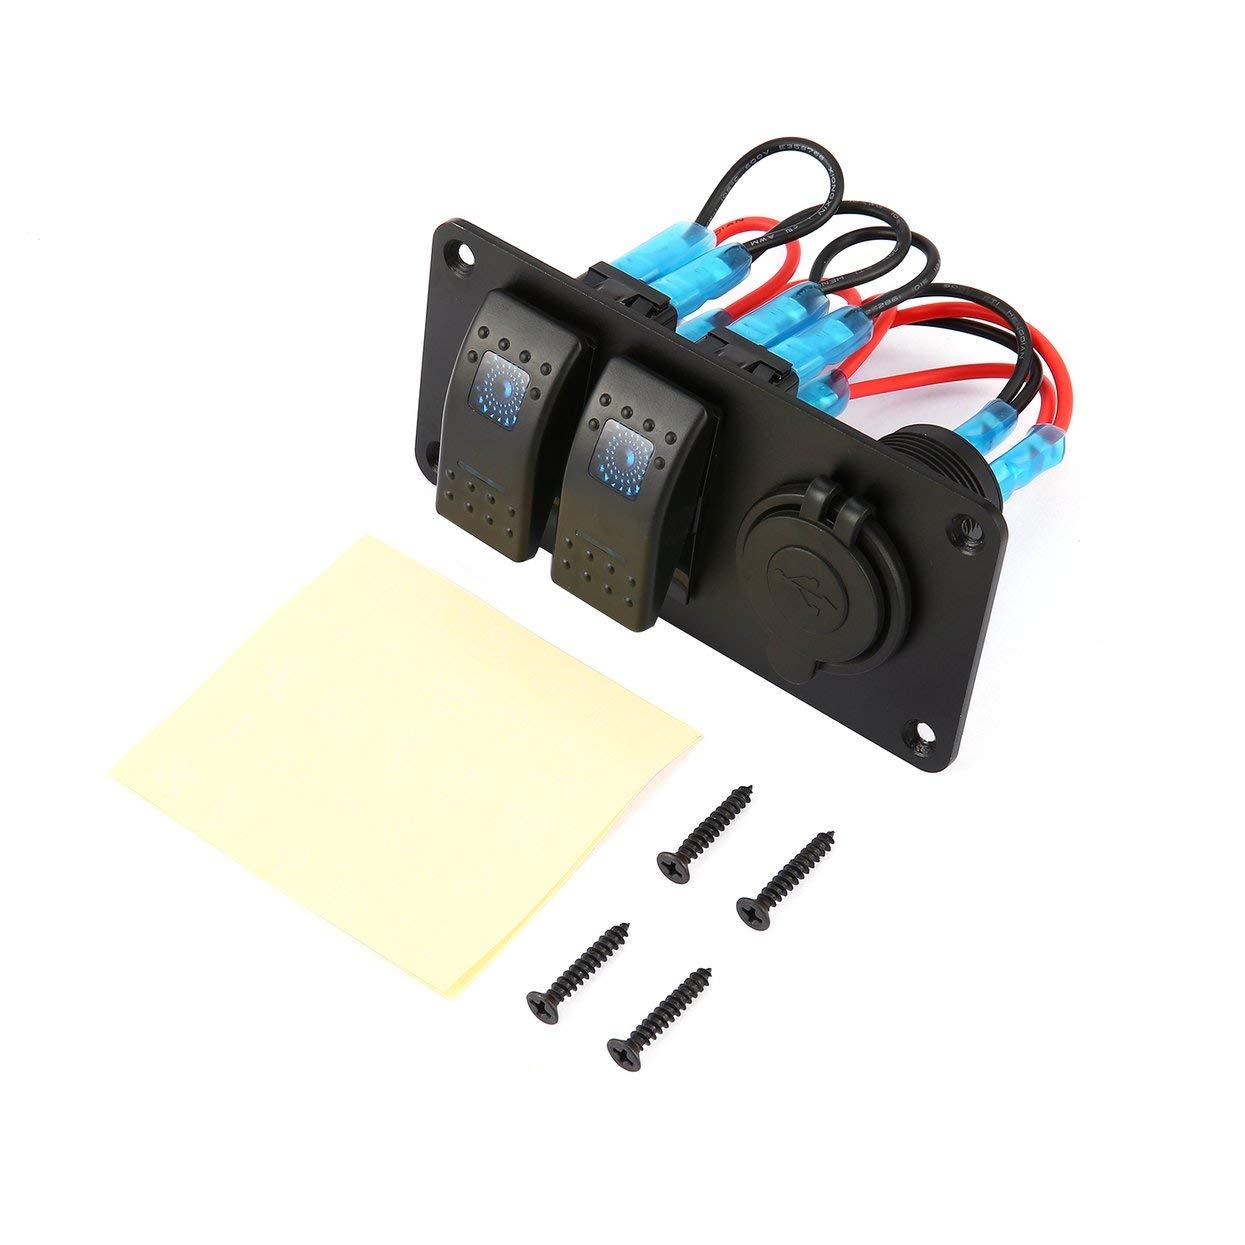 LoveOlvidoF 2 Gars Voiture Marine Bateau 5 Broches LED Interrupteur À Bascule Panneau 3.1A Double Ports USB Socket Chargeur Circuit Étanche